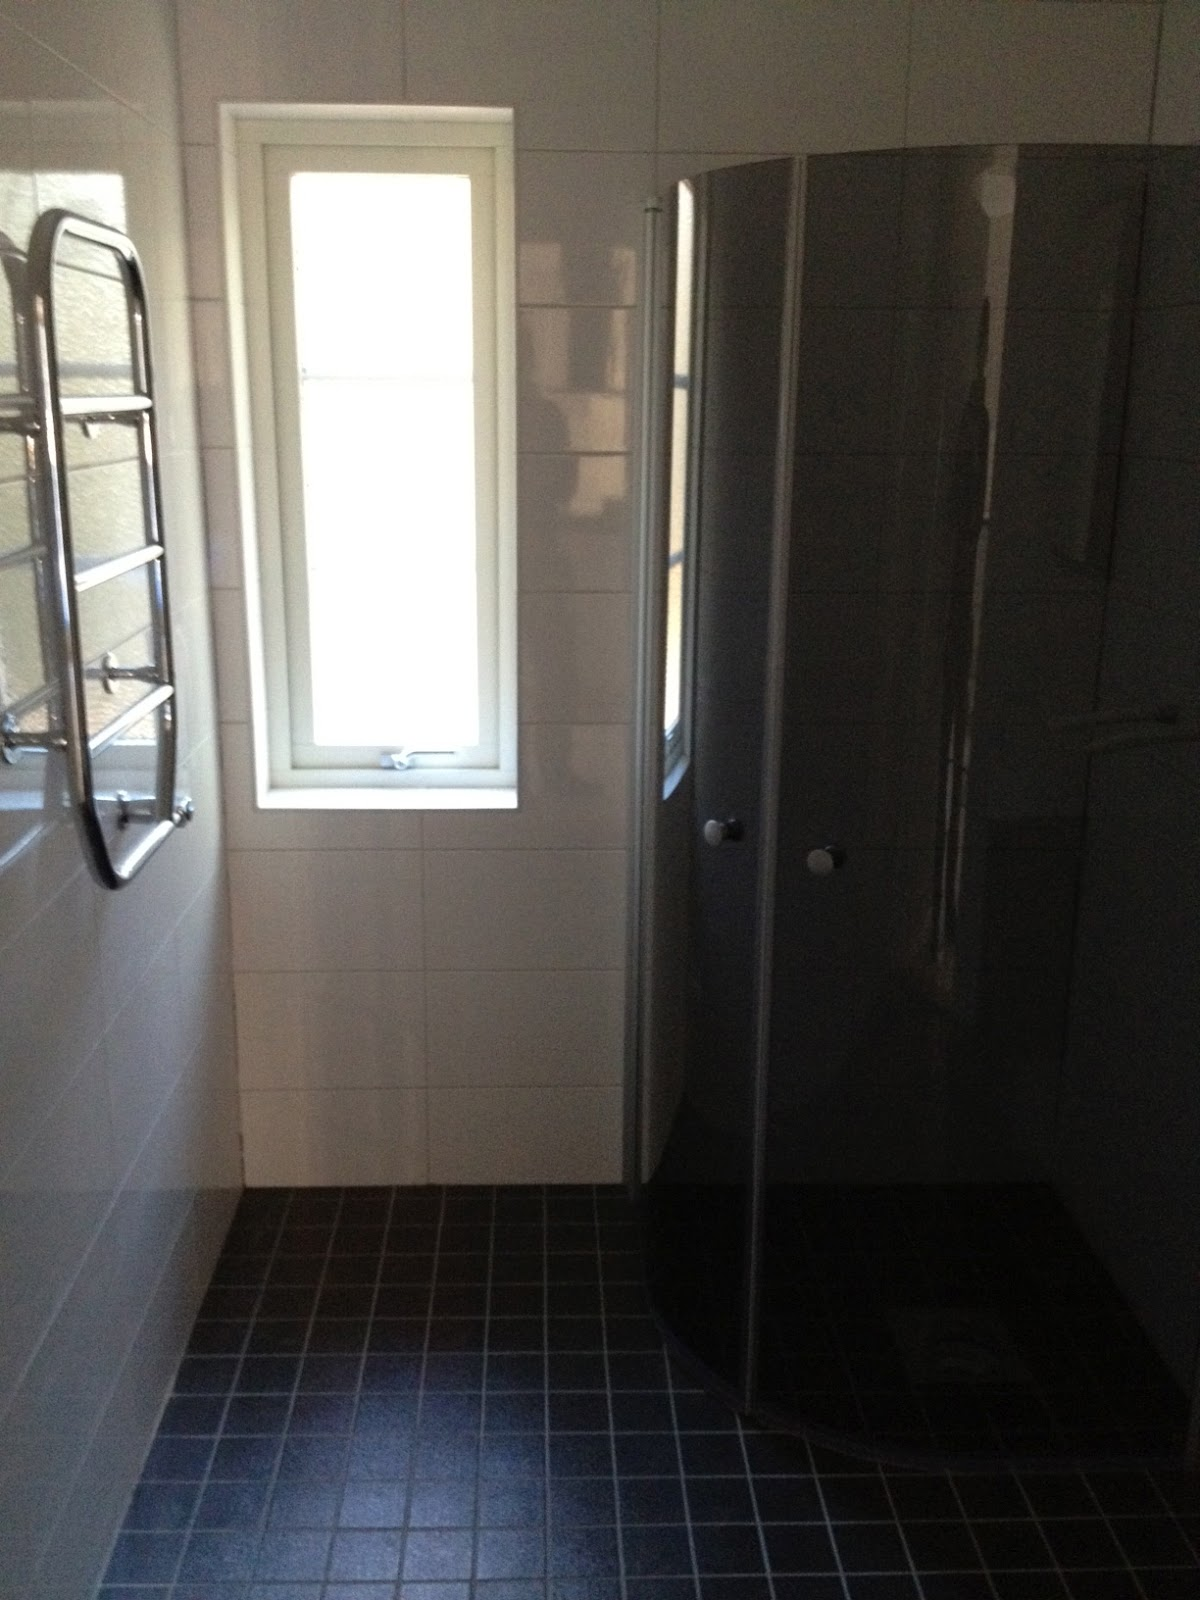 Litet badrum kakel ~ Xellen.com